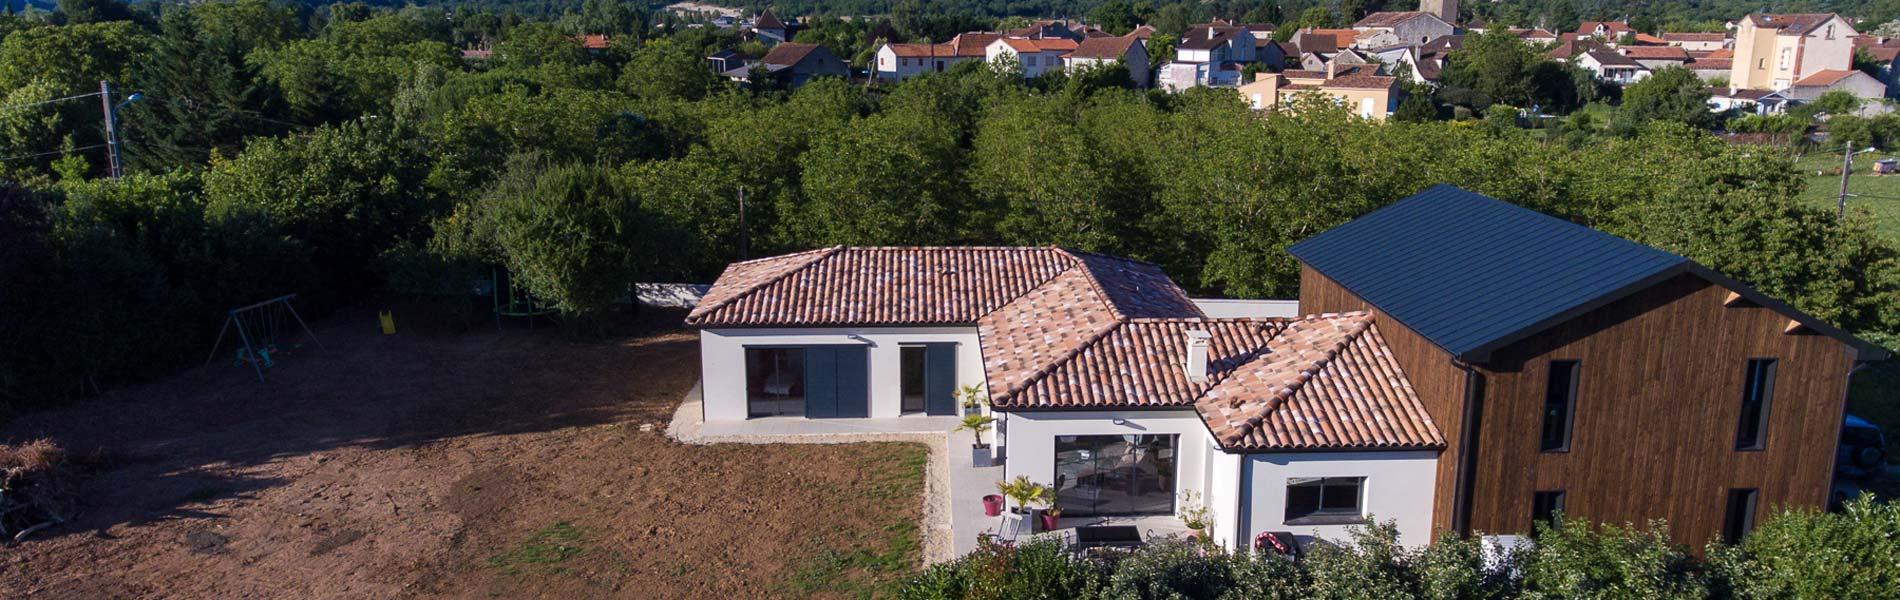 Contrat de construction dune maison individuelle avec for Contrat construction maison individuelle